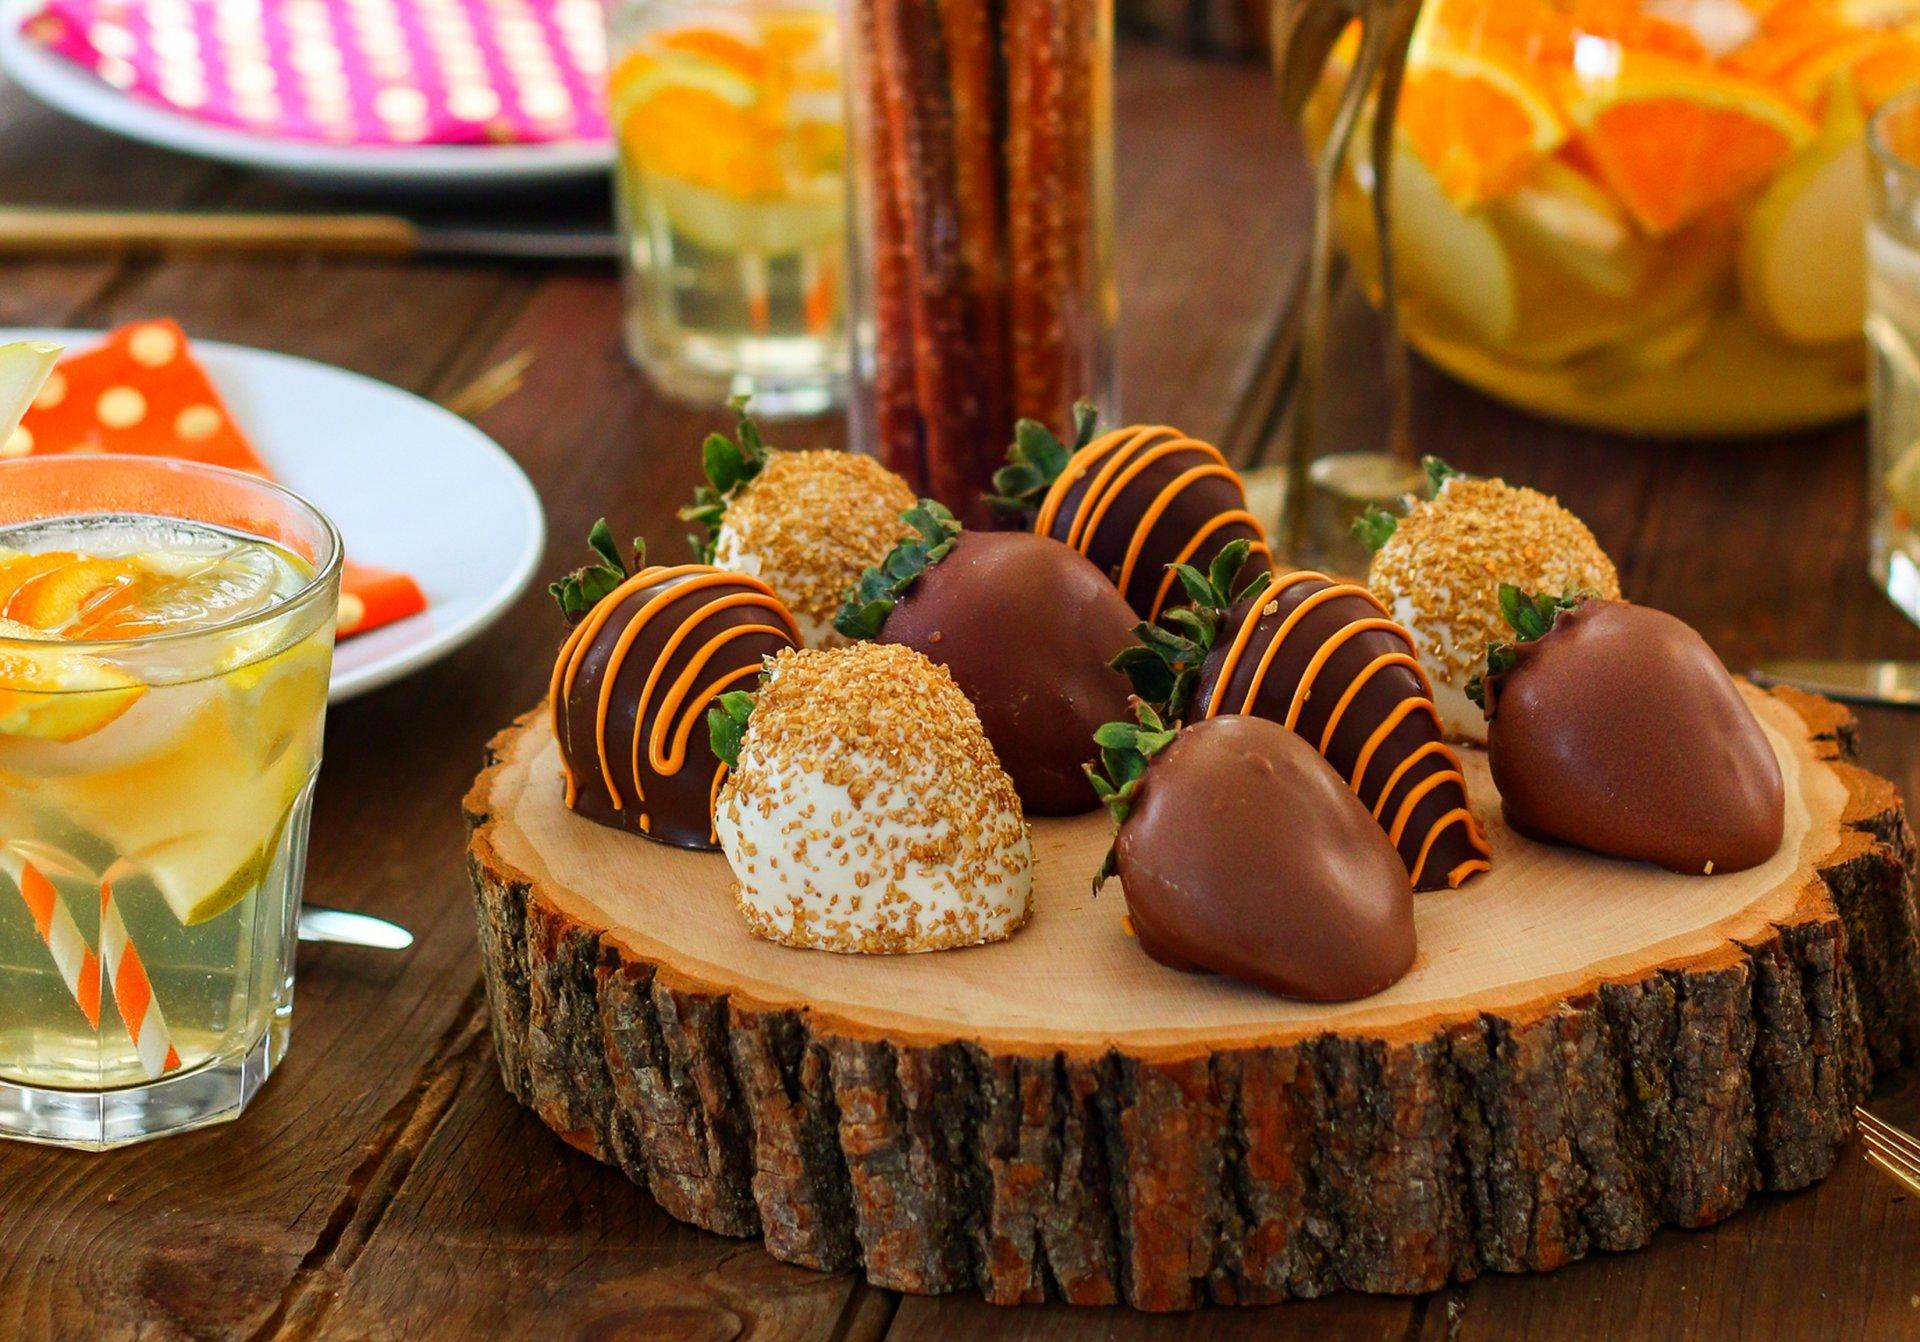 красивые картинки еды и фруктов десертов связано глубоким